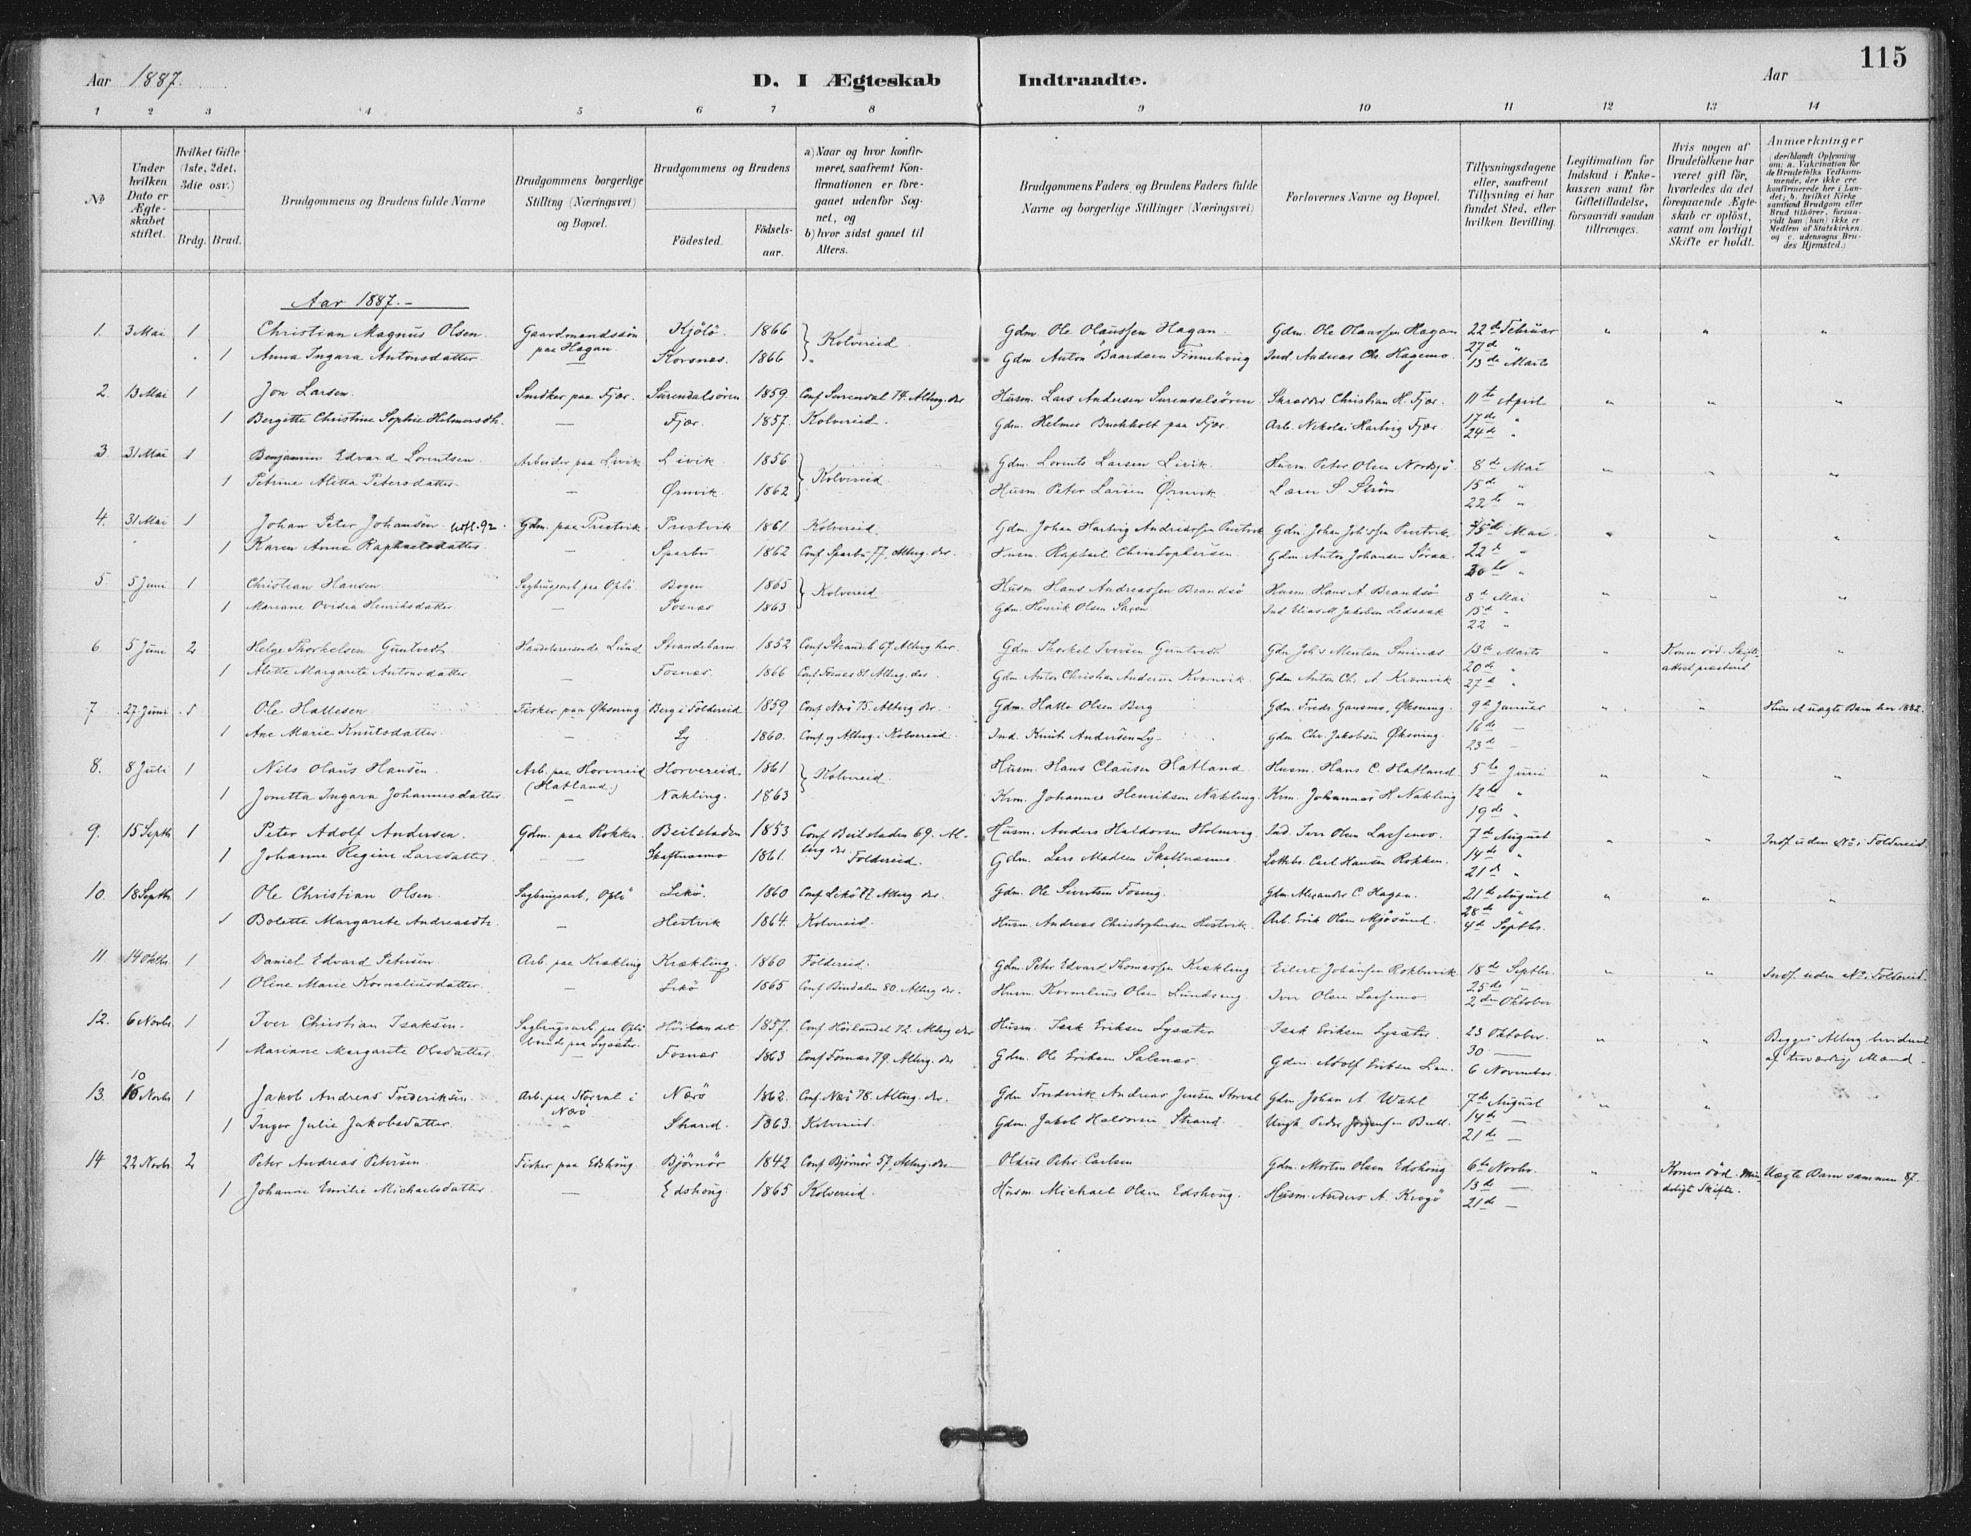 SAT, Ministerialprotokoller, klokkerbøker og fødselsregistre - Nord-Trøndelag, 780/L0644: Ministerialbok nr. 780A08, 1886-1903, s. 115